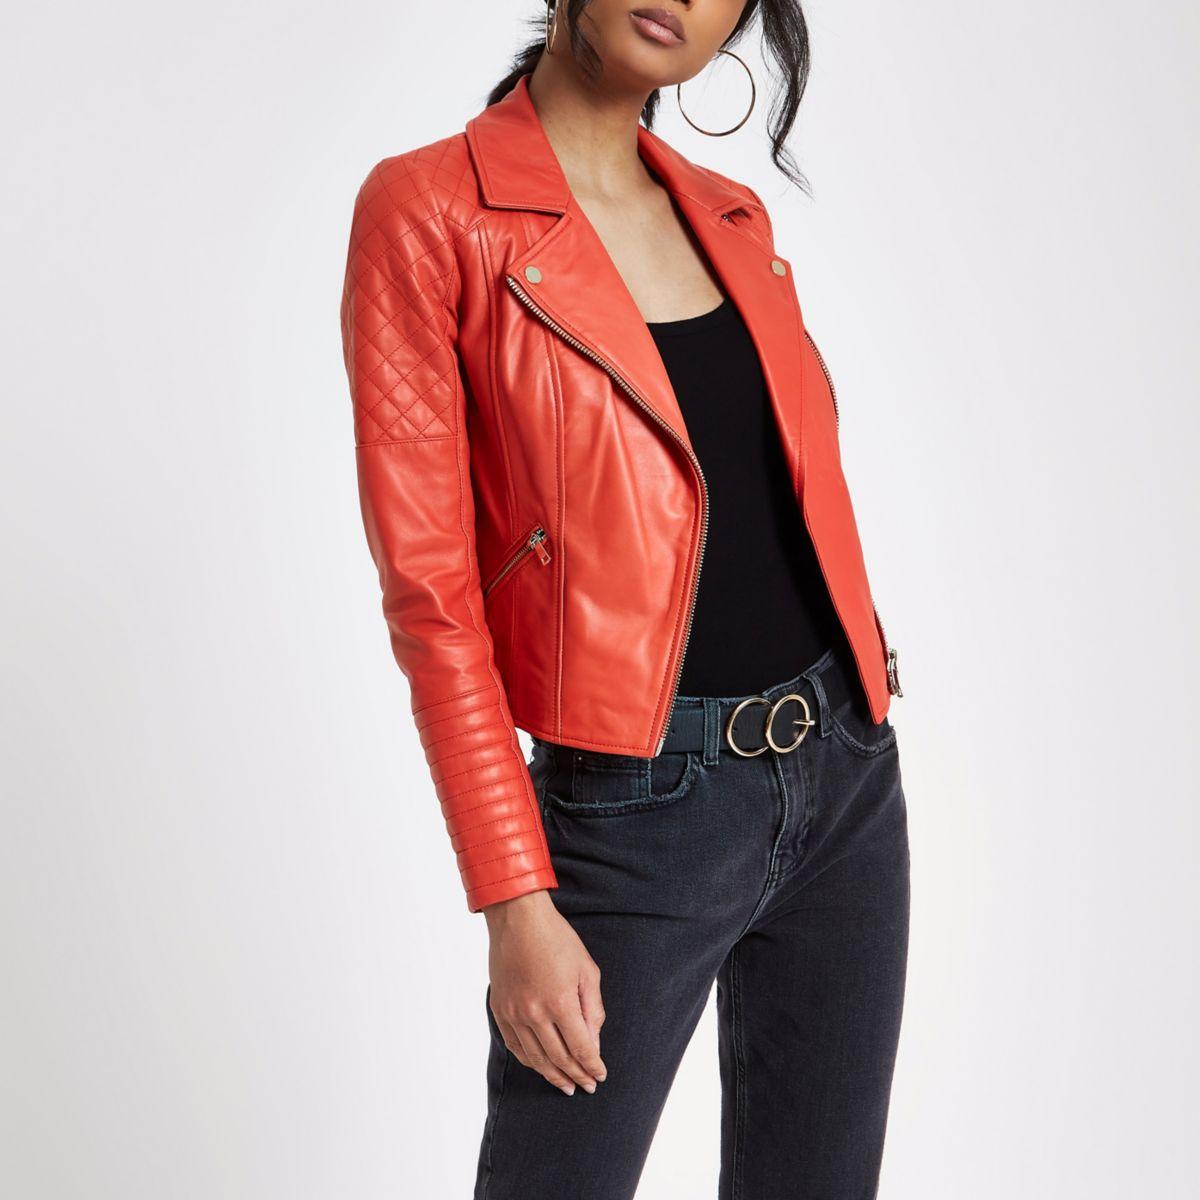 Red leather biker jacket